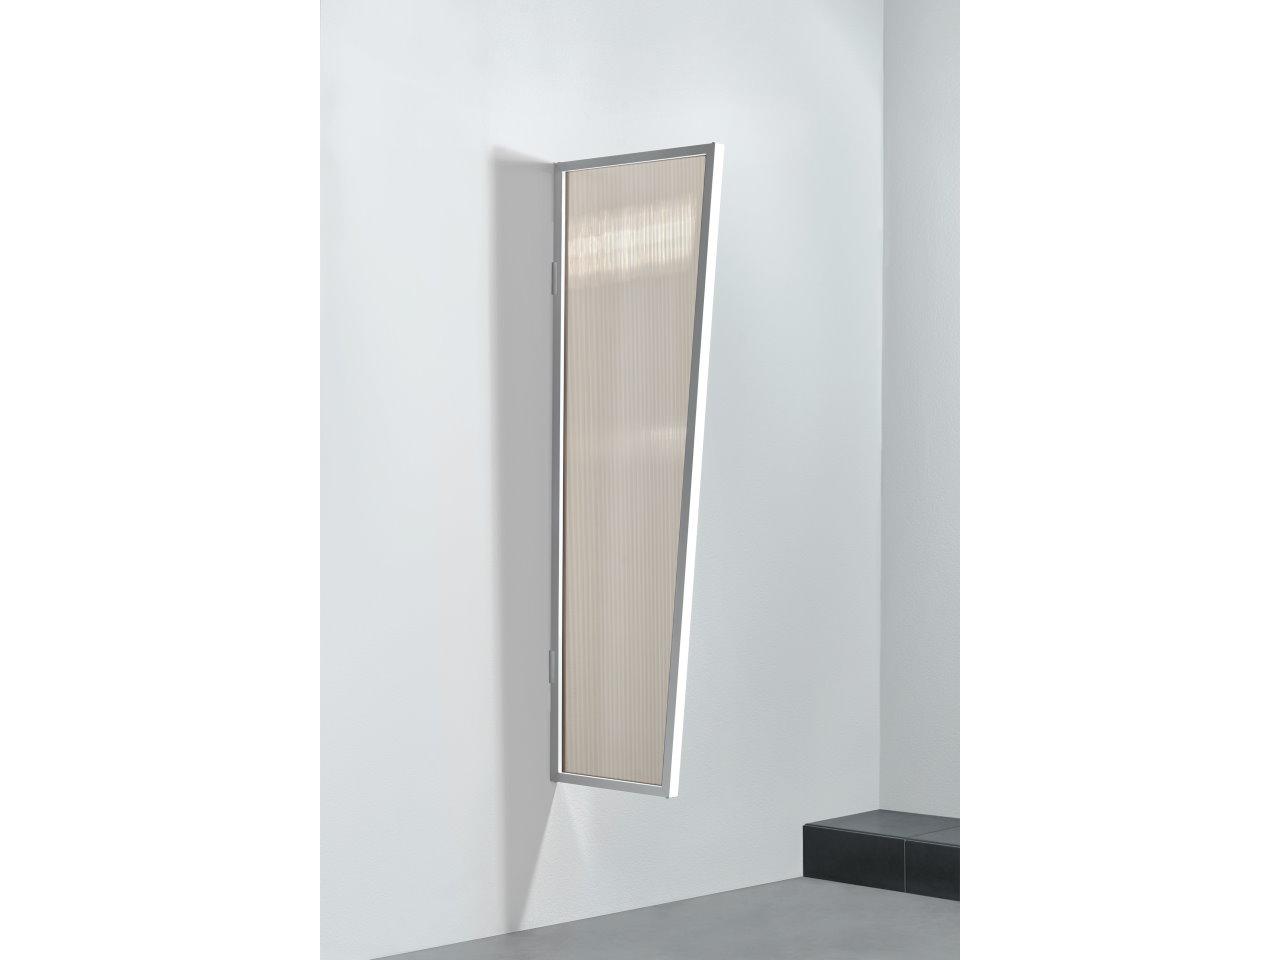 seitenblende b1 stegplatte bronce seitenteile vord cher acrylshop24 stegplatten mehr. Black Bedroom Furniture Sets. Home Design Ideas